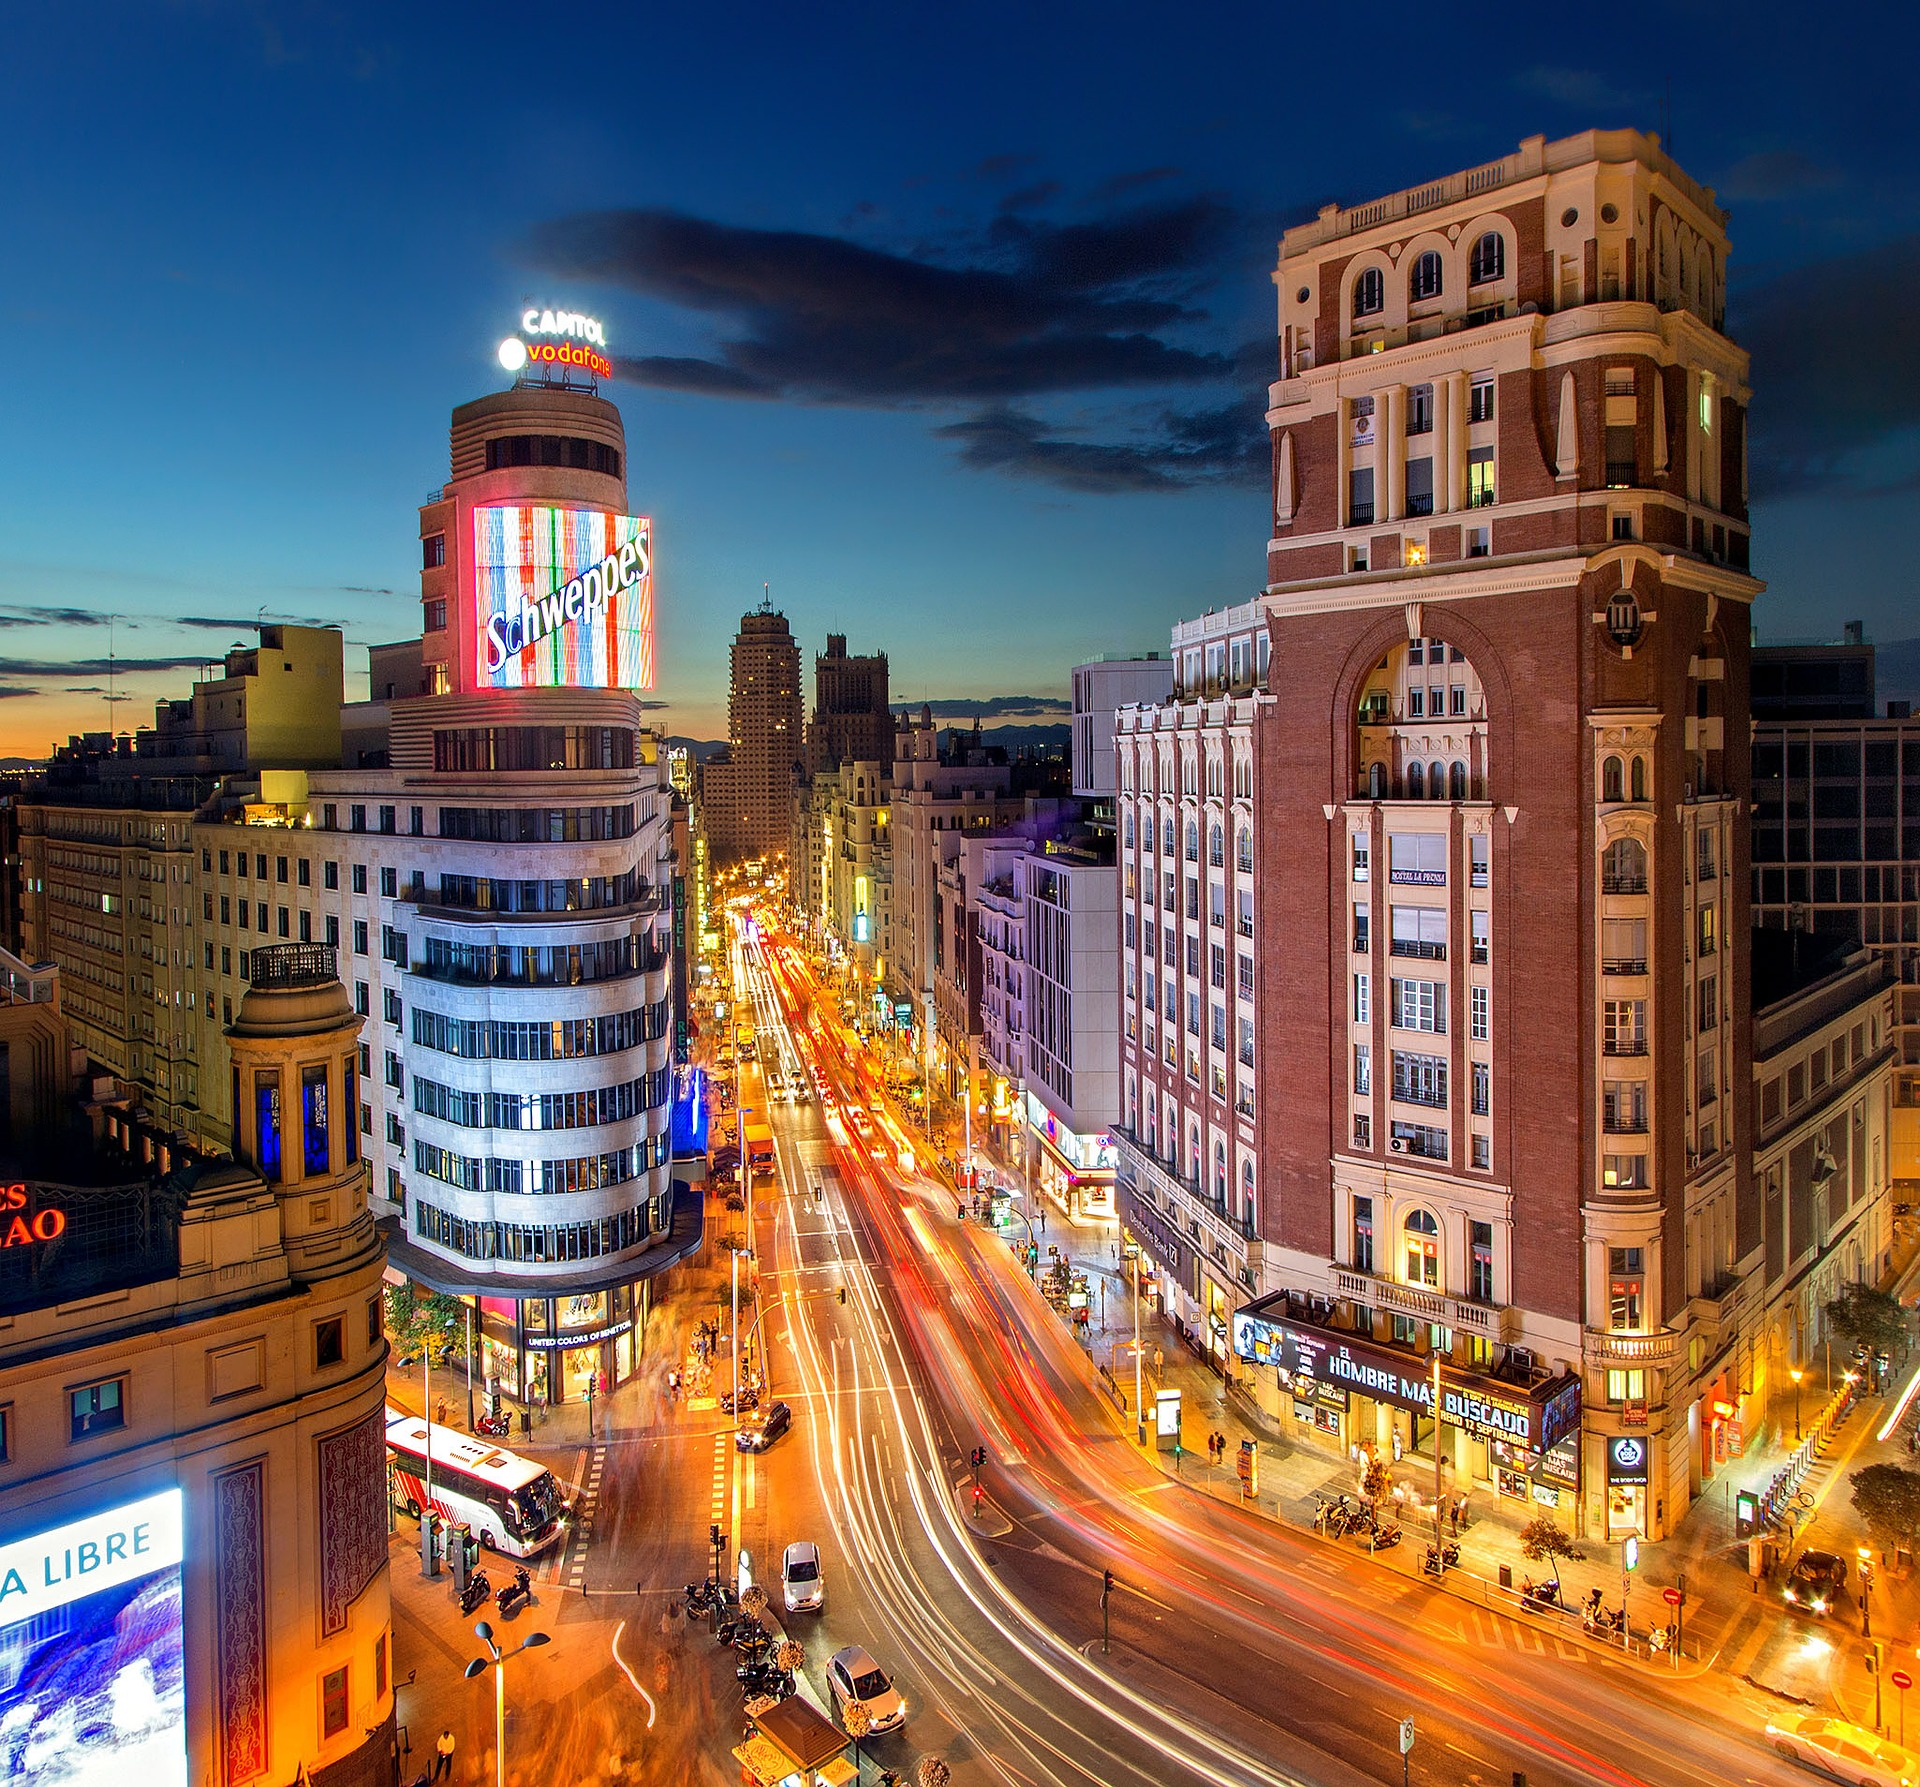 Nueva normativa de movilidad en Madrid: así afecta al ciclismo urbano